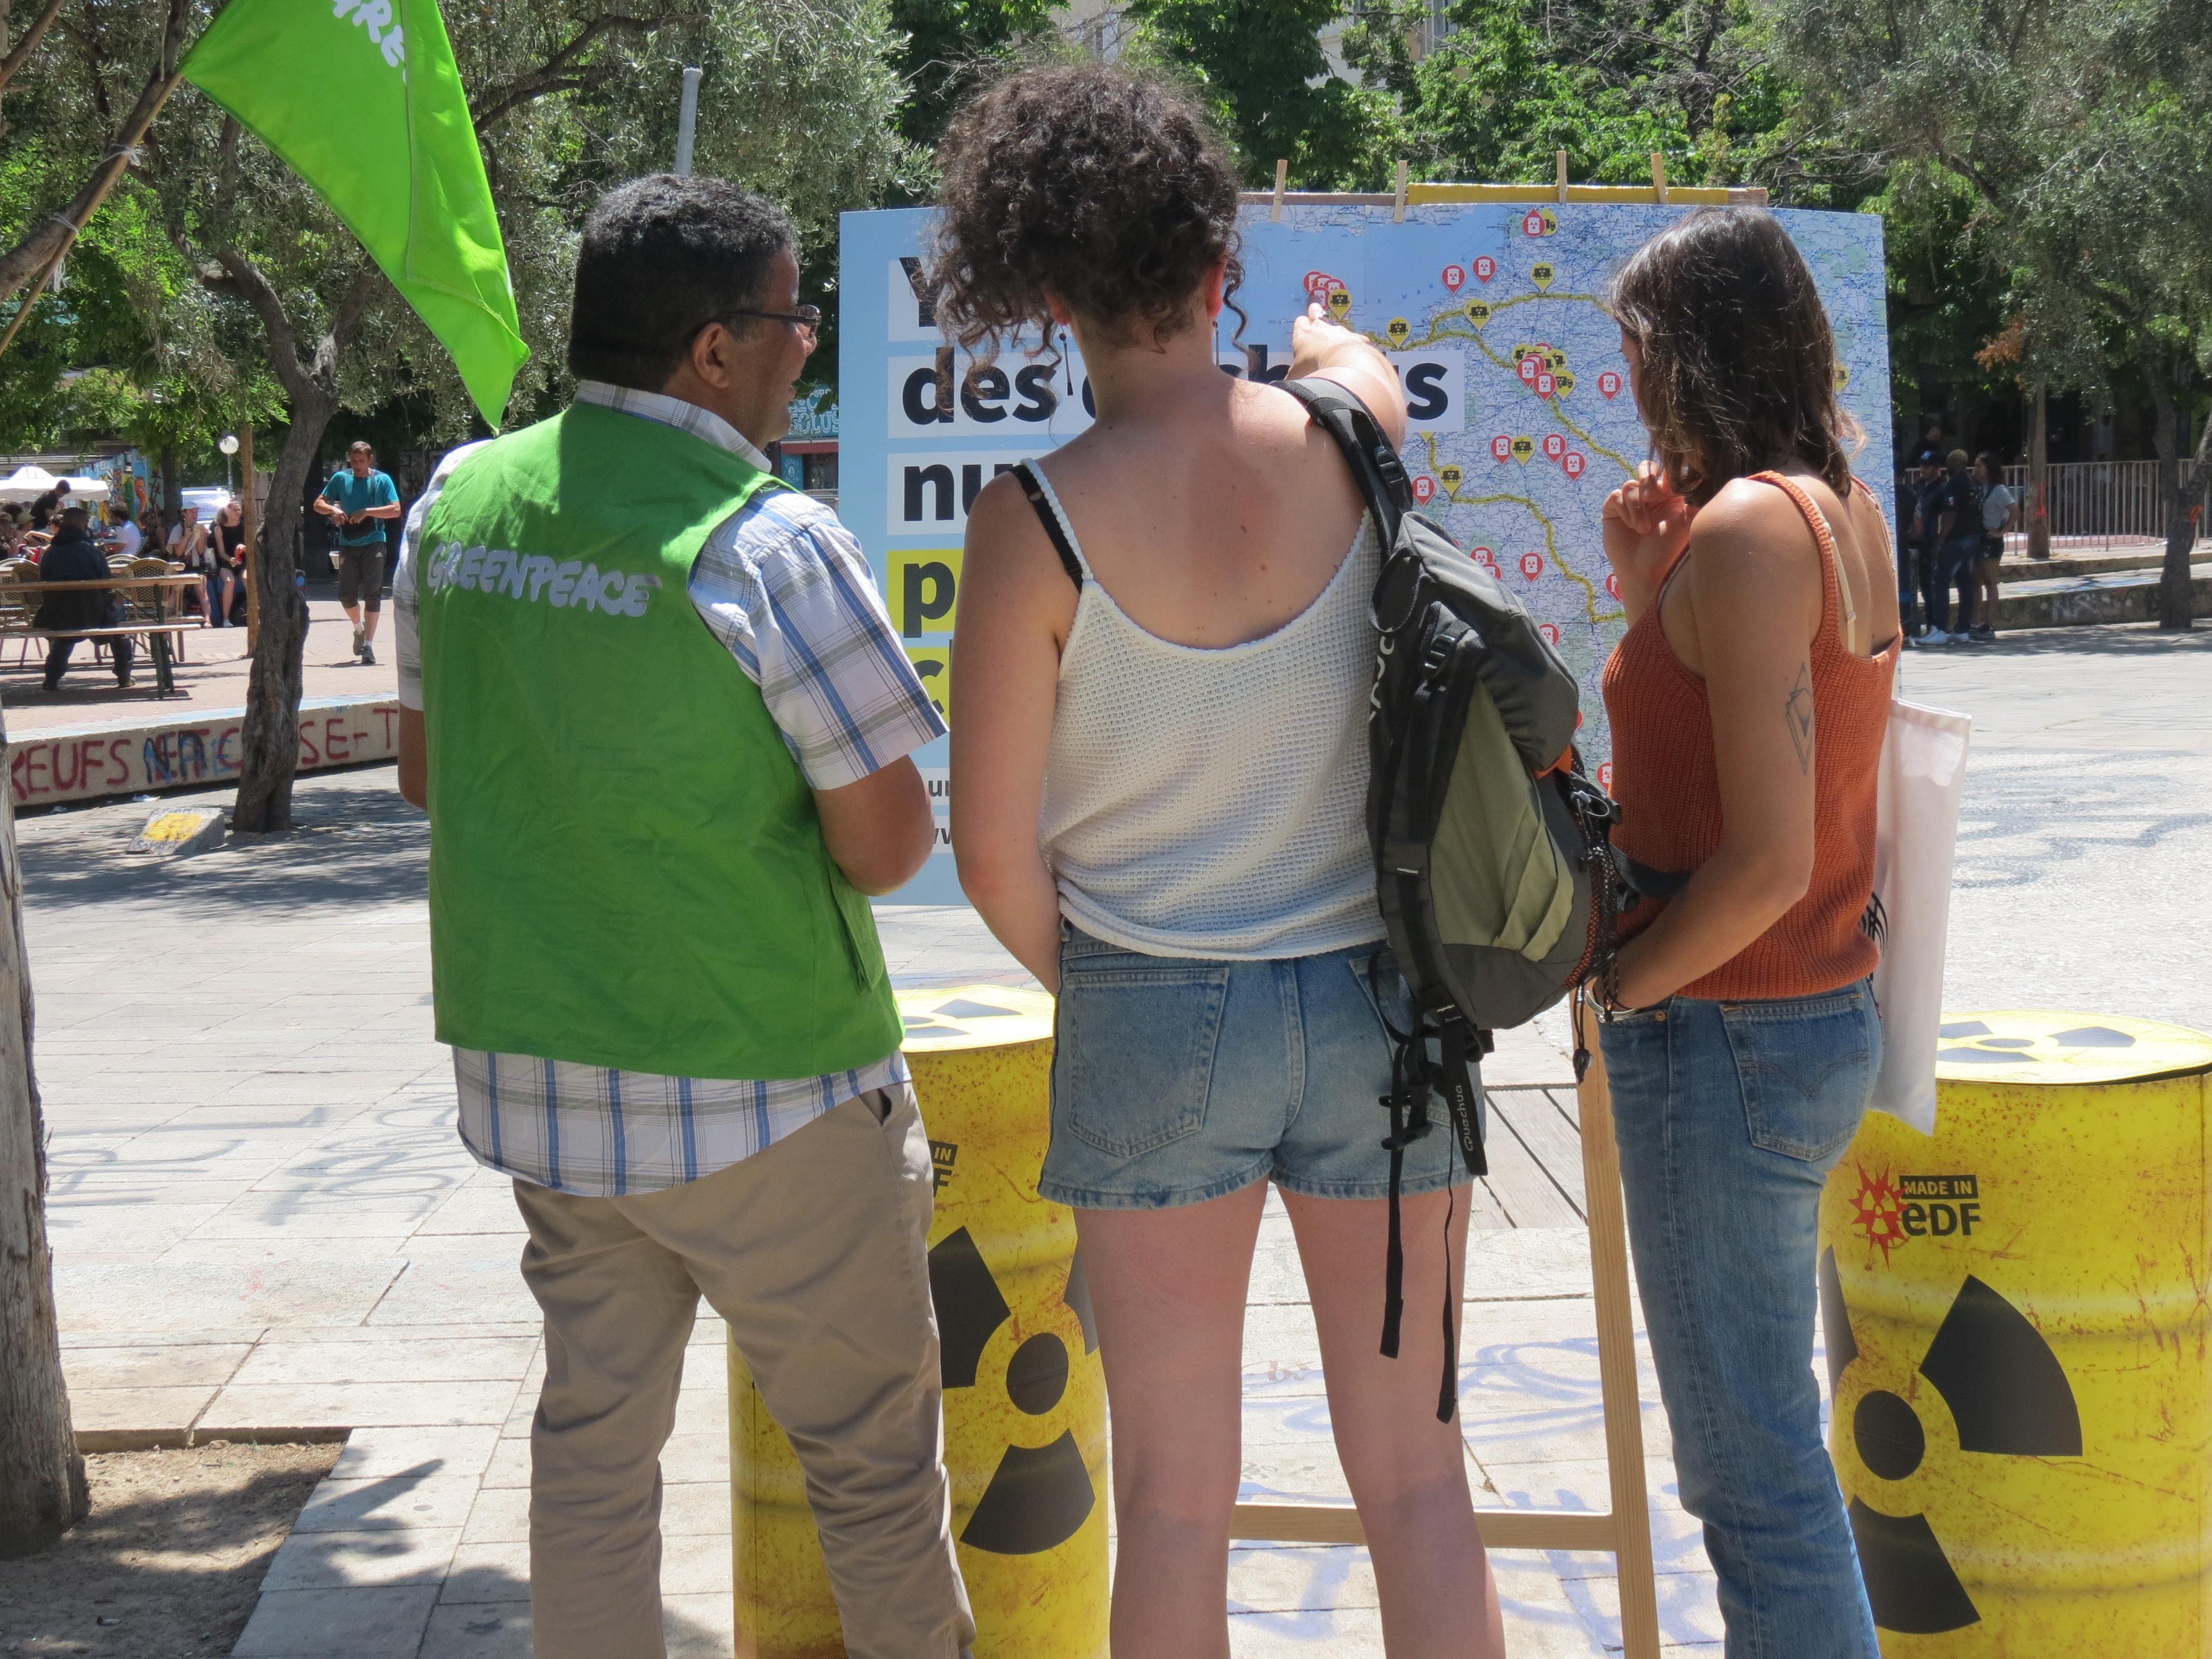 Militant Greenpeace présente la carte des déchets nucléaires aux passants